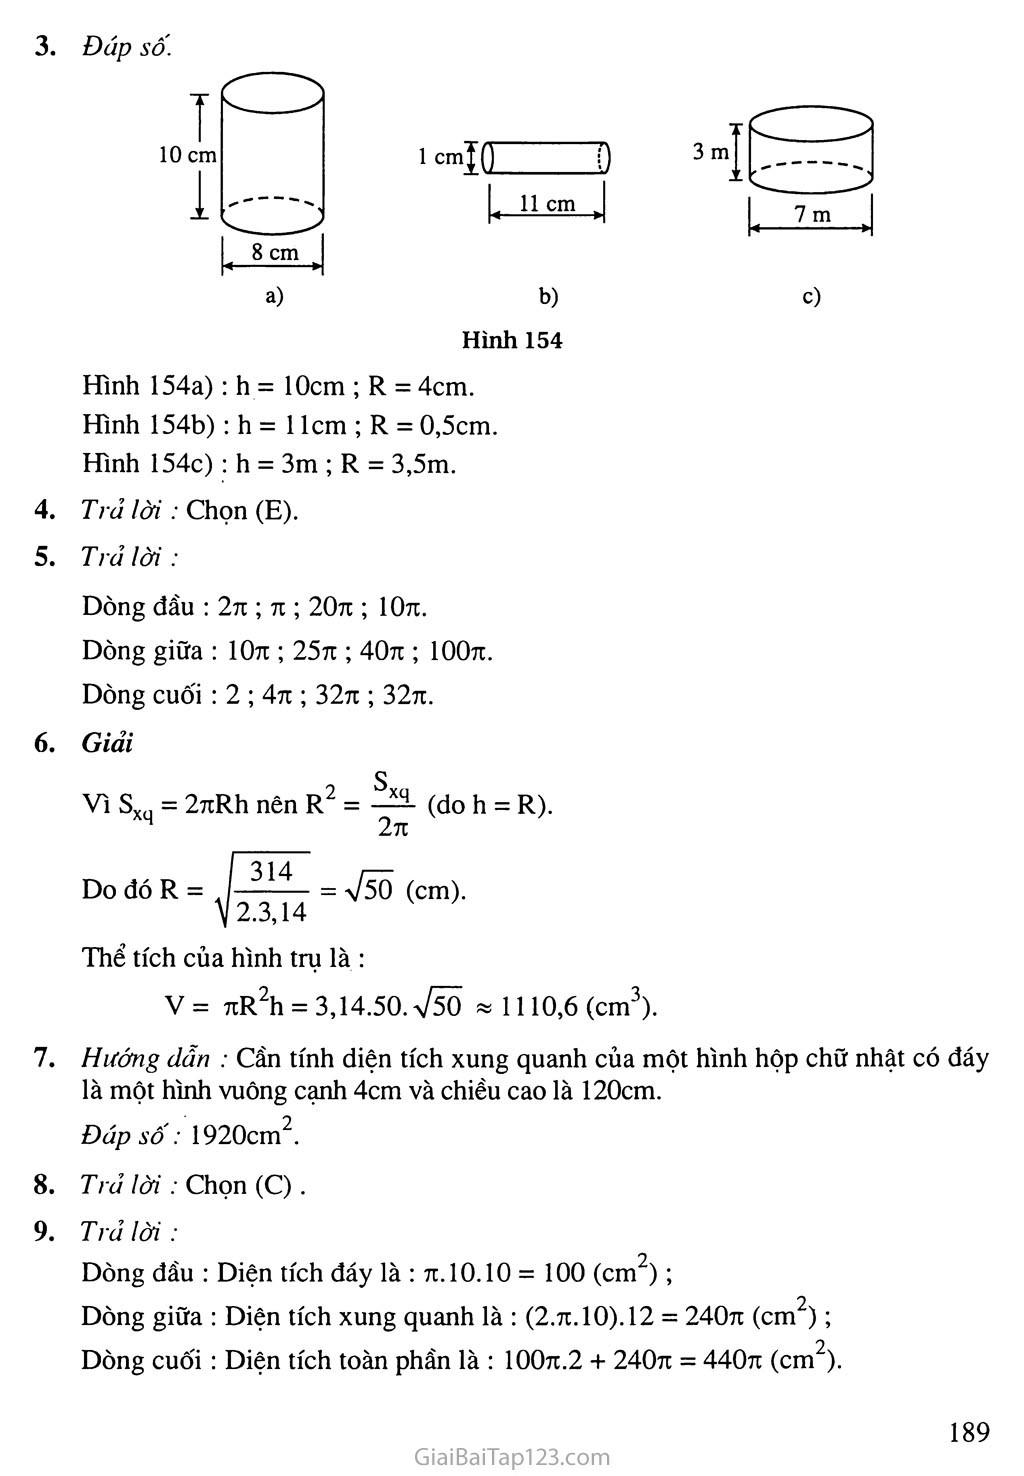 Bài 1. Hình trụ - Diện tích xung quanh và thể tích của hình trụ trang 3